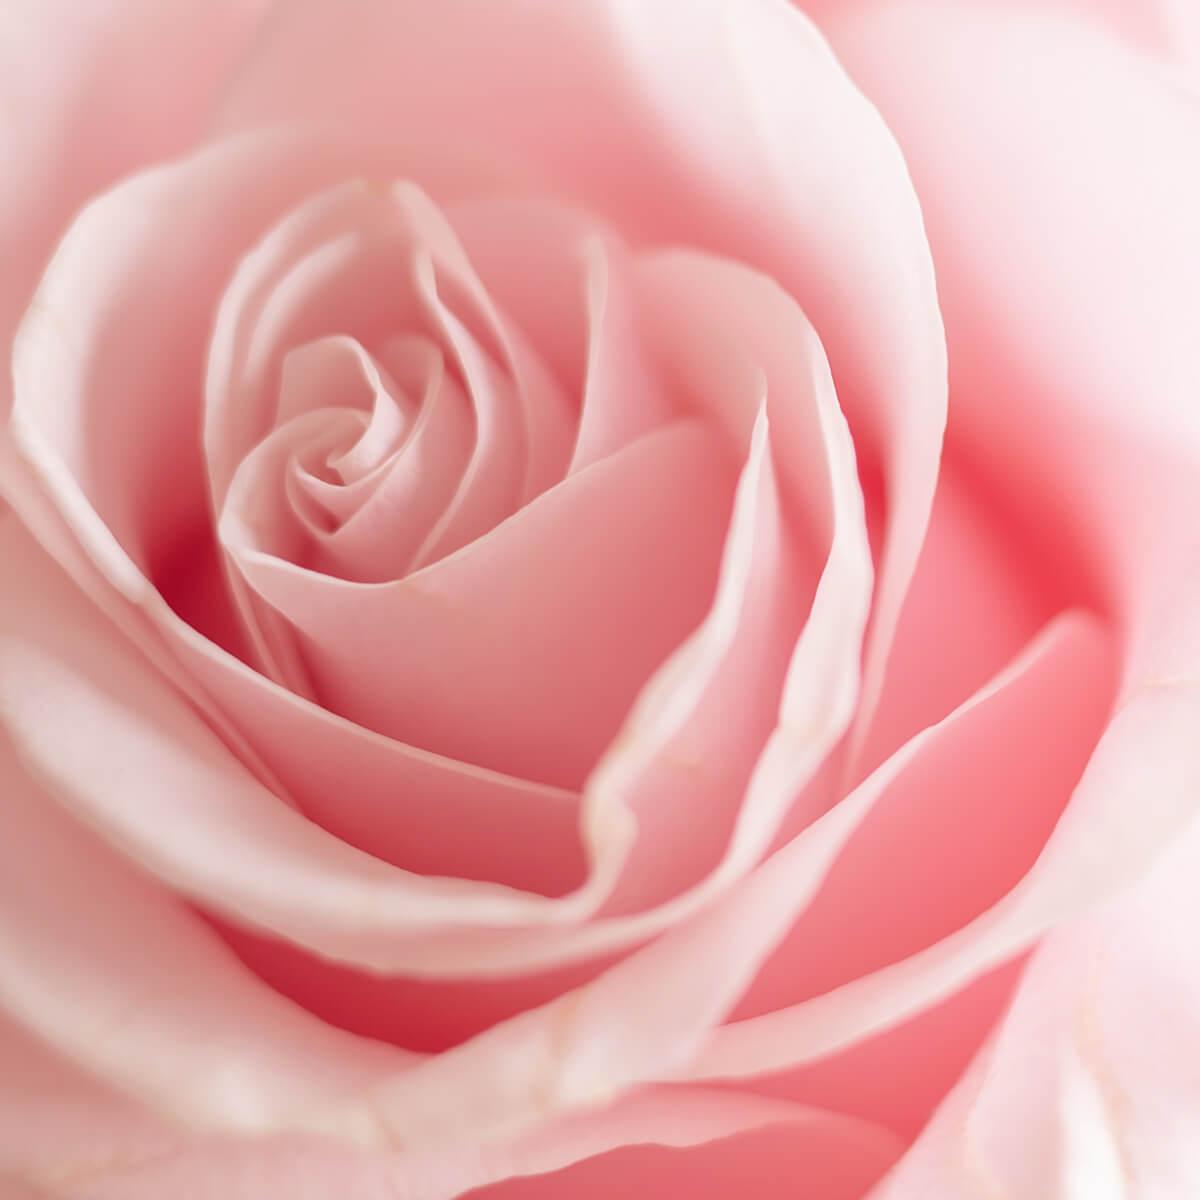 EFEN rose vodka tastes like a fresh rose.